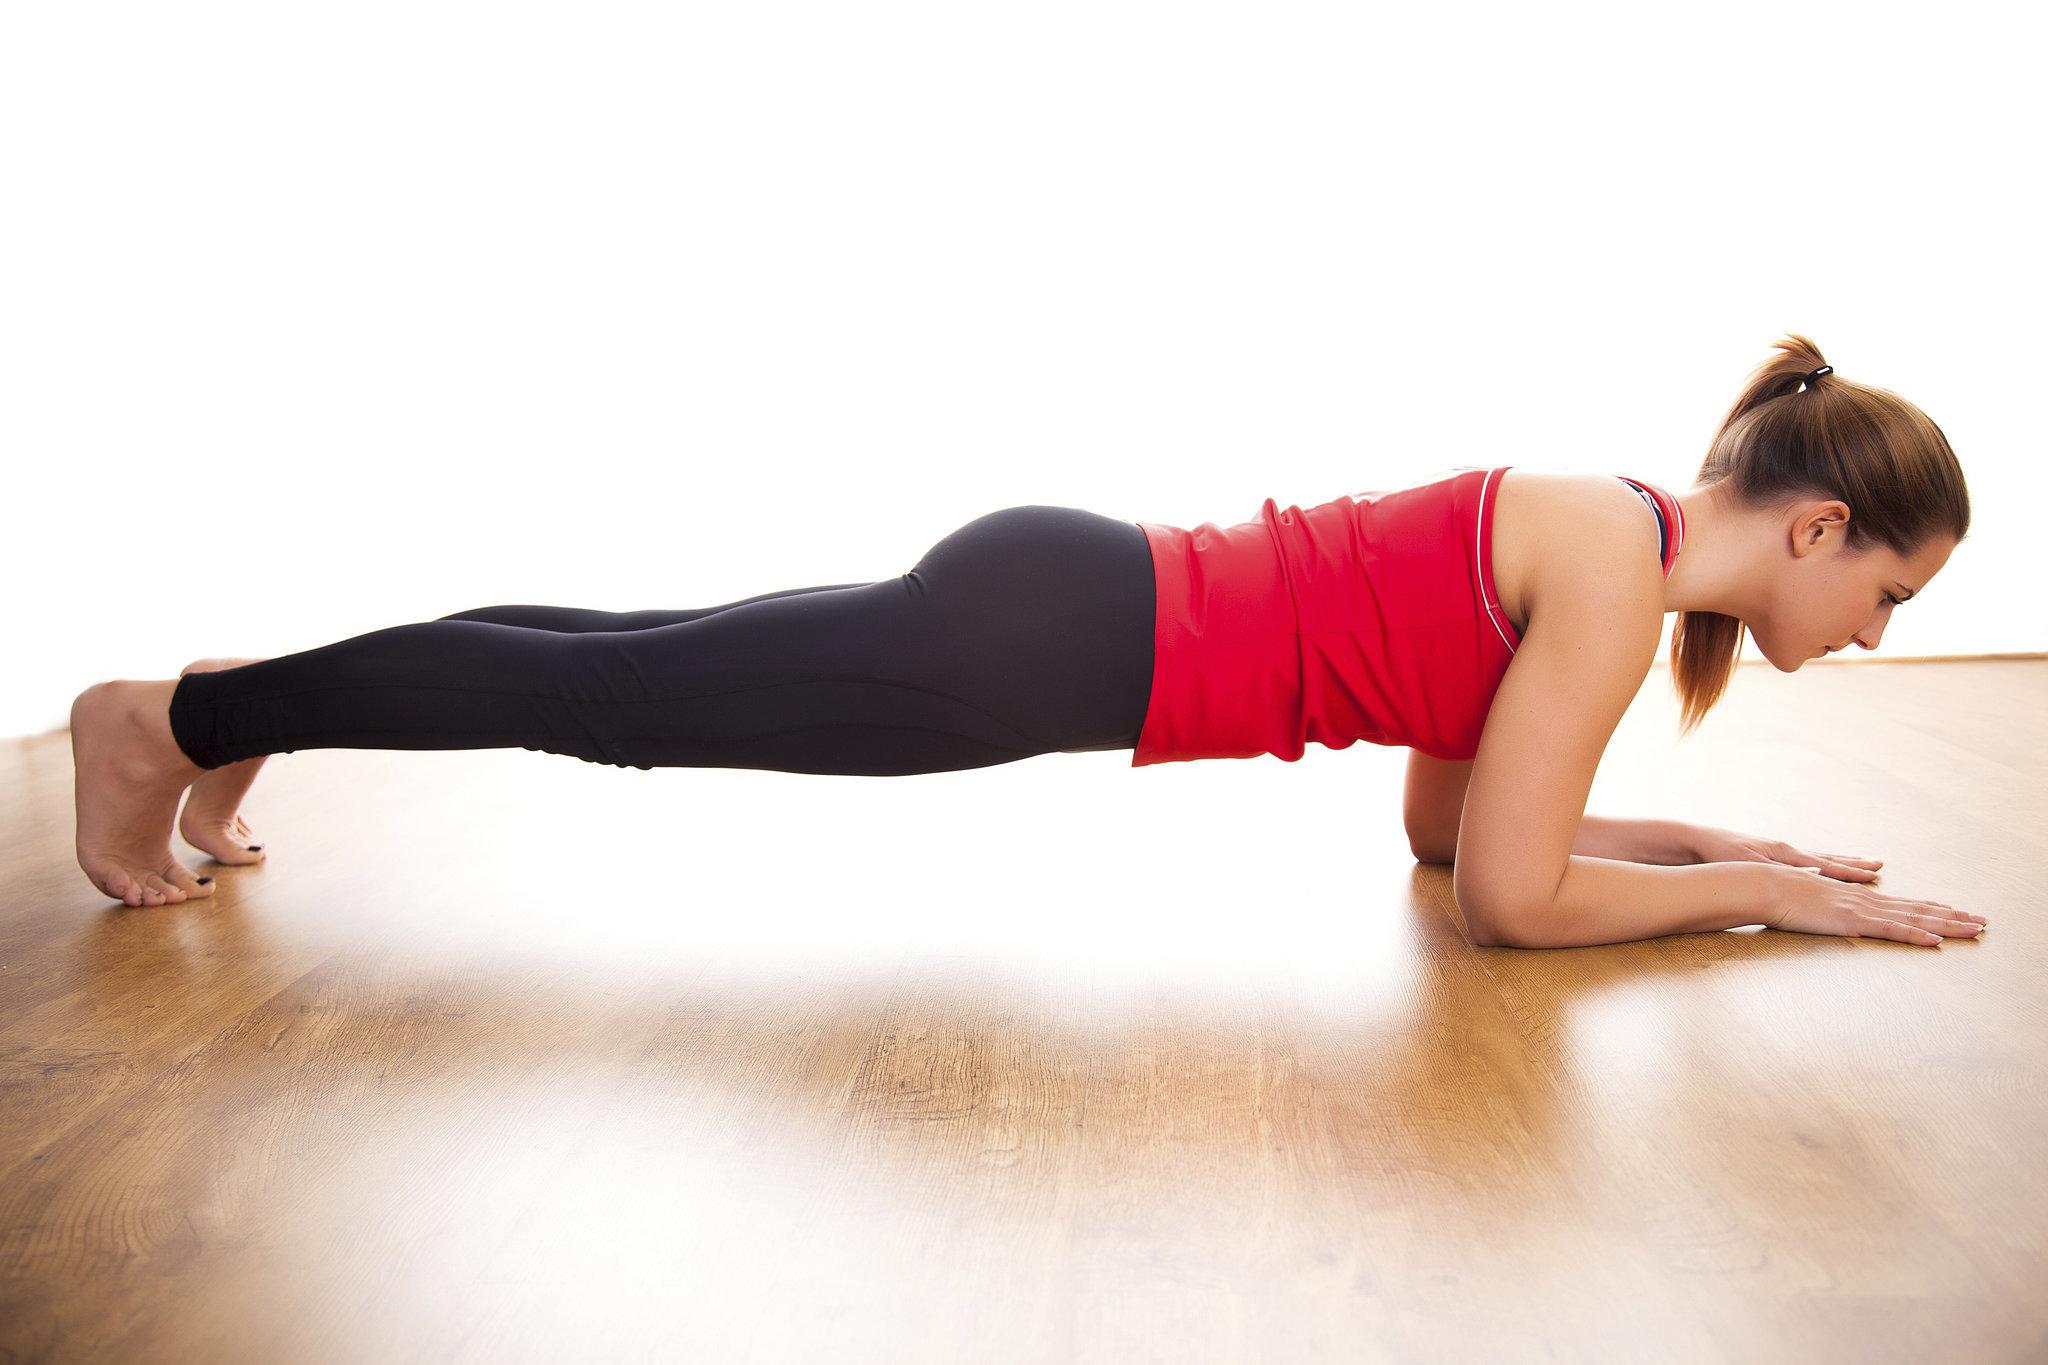 (source: fitnessbin.com)